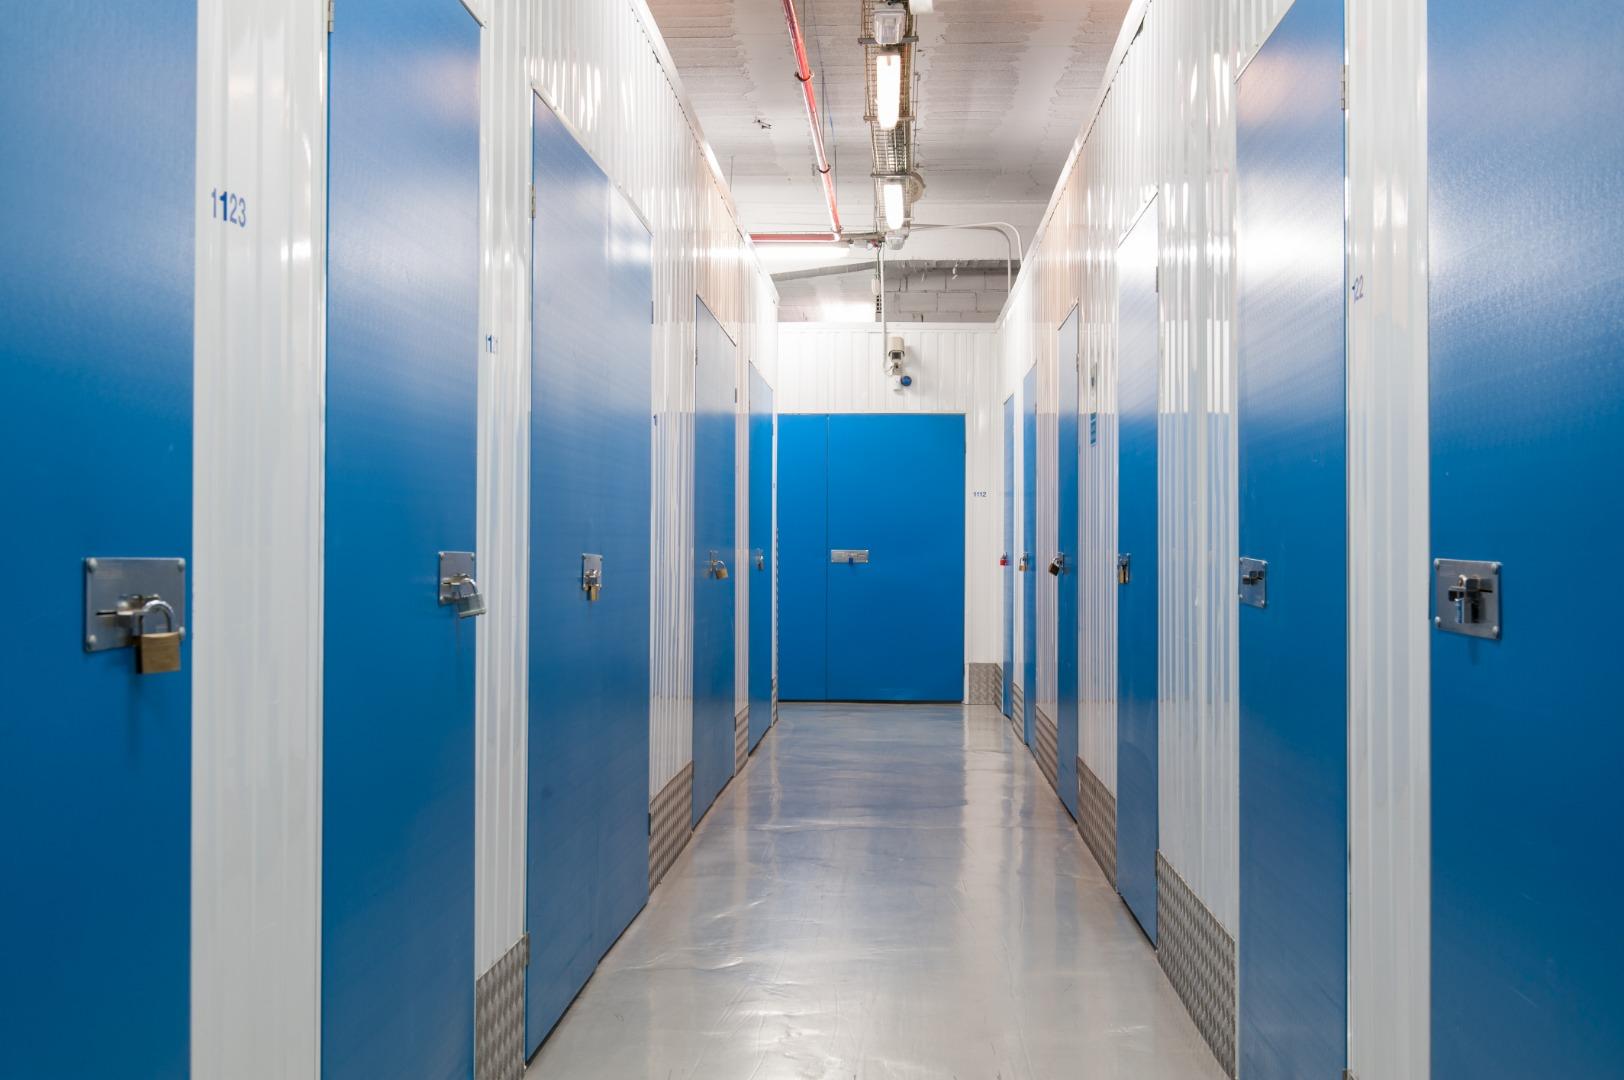 Miete Lagerhalle  Bajo vinalopó, 1. Trasteros bluespace de 30 m2 en mislata (valencia). tenemos dife